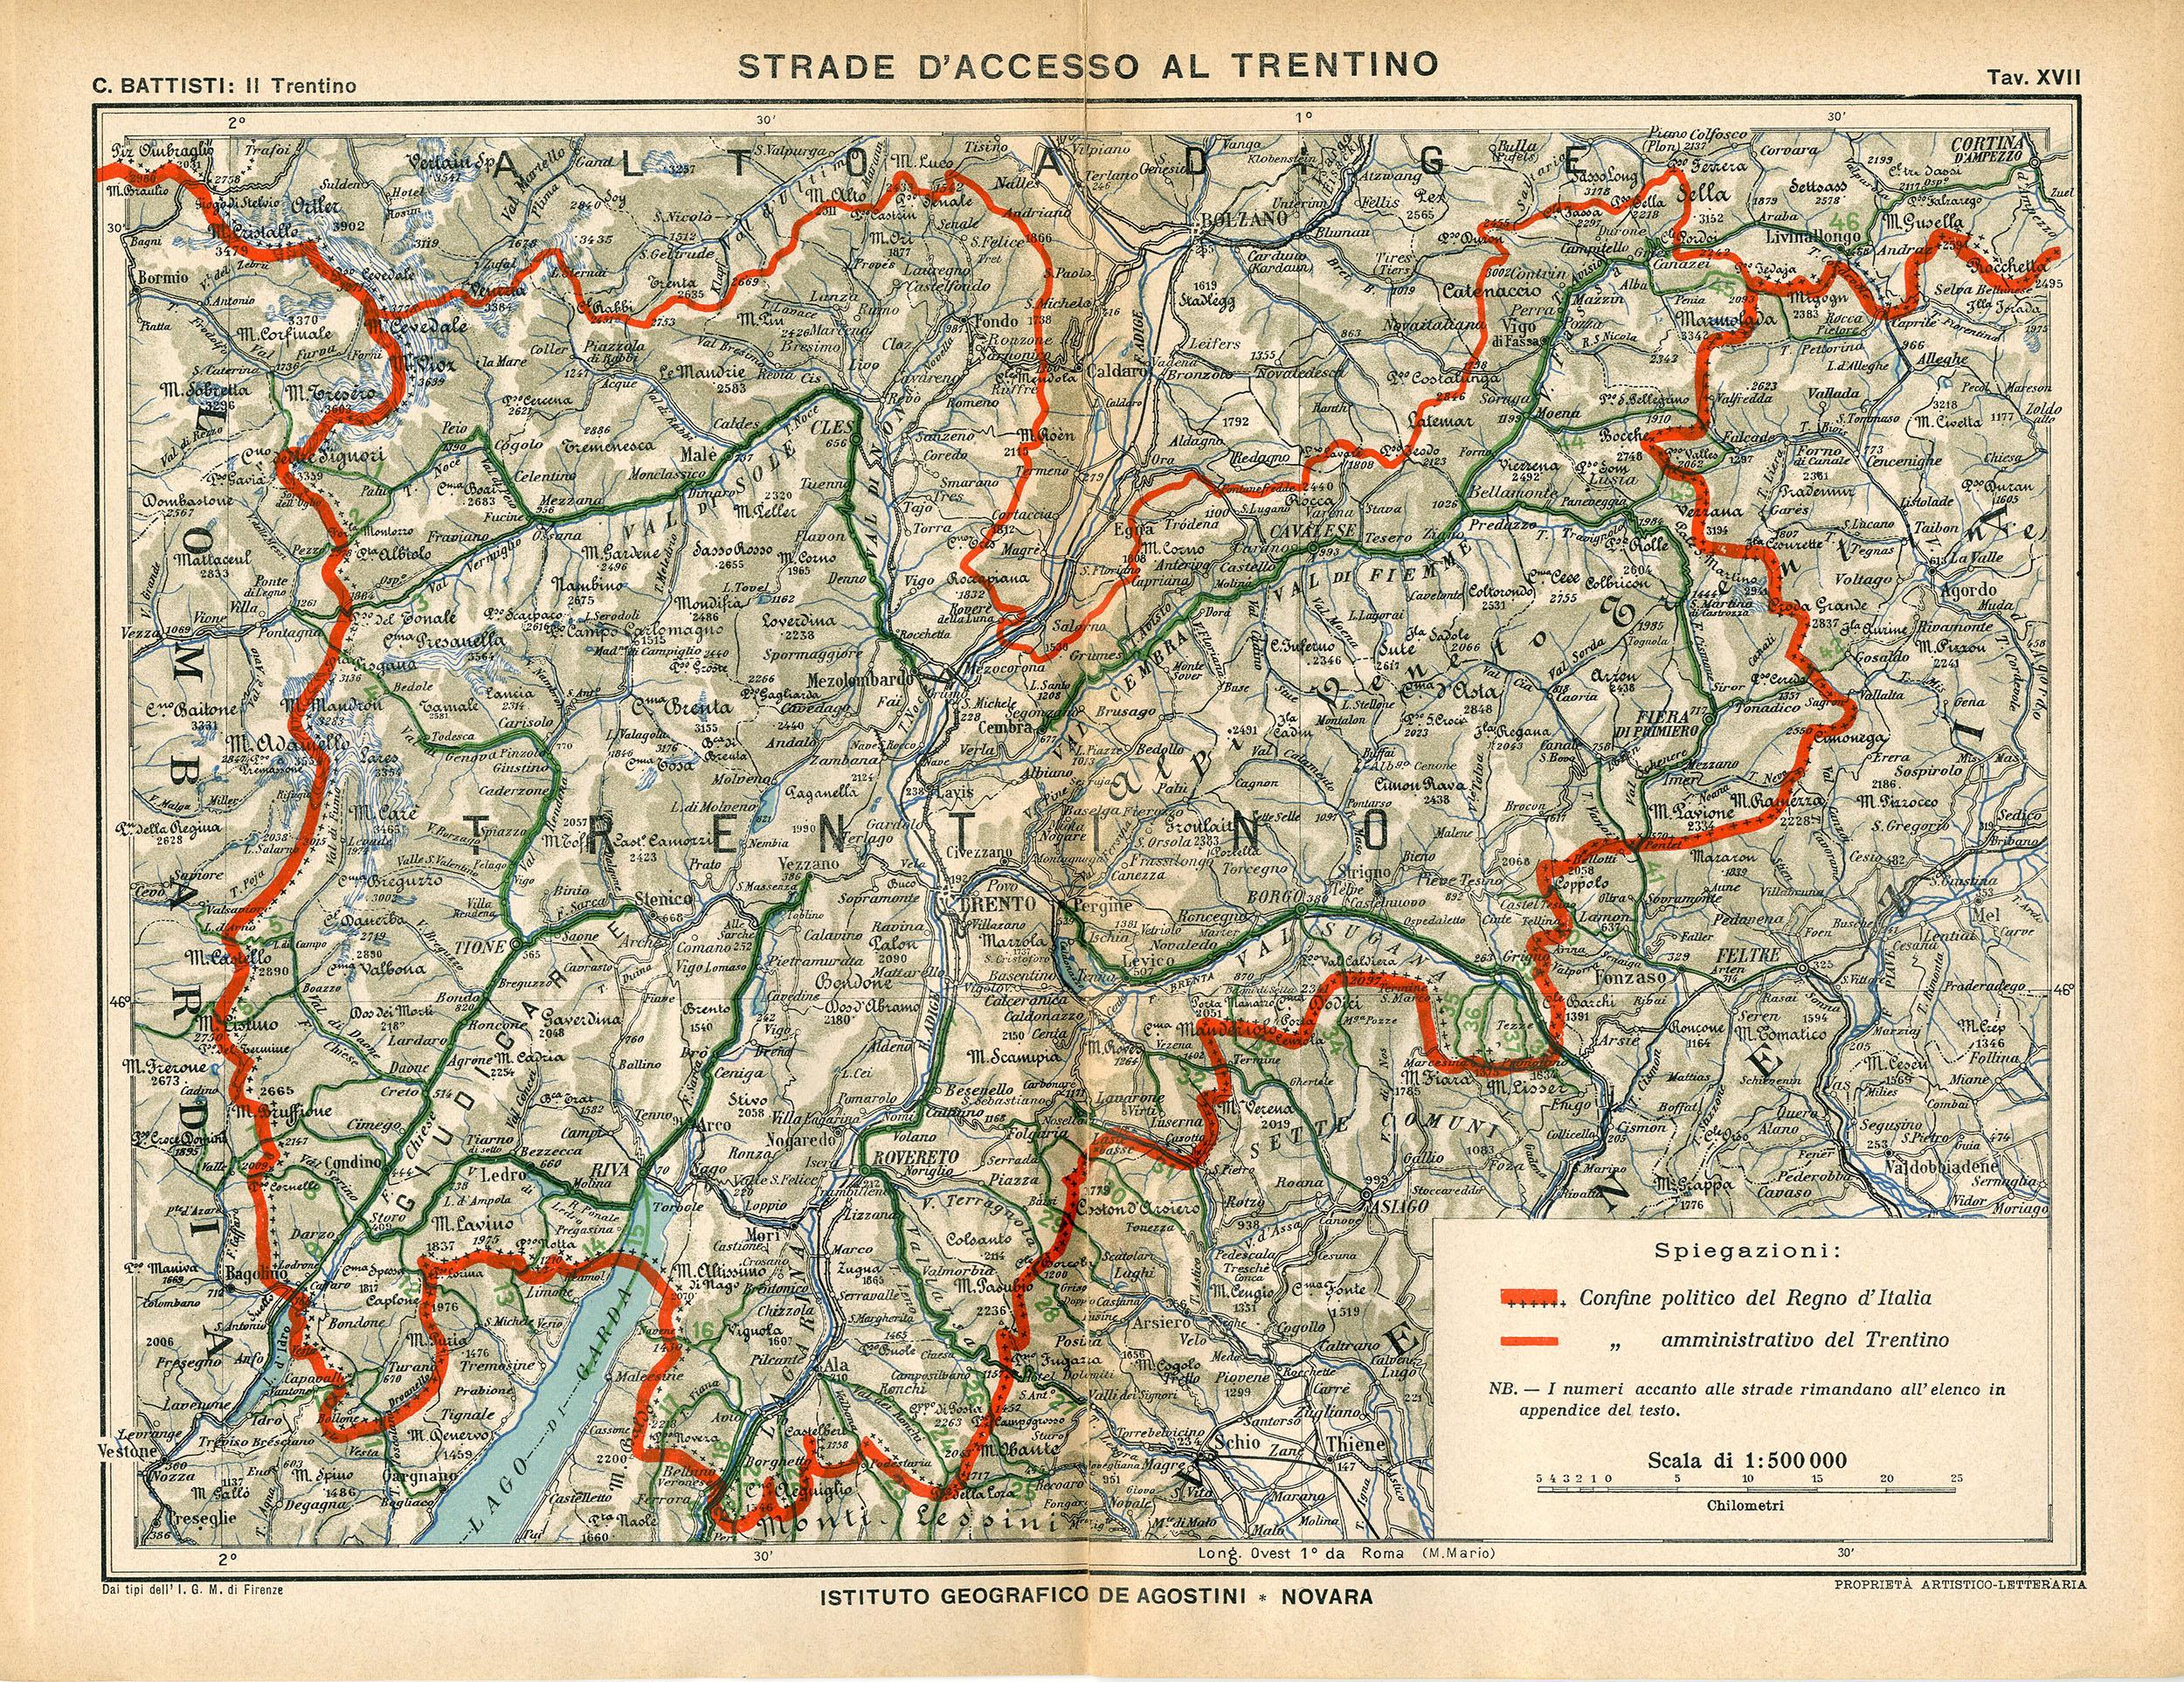 Cartina Stradale Trentino.Cesare Battisti Atlante Il Trentino Cenni Geografici Storici Economici Con Un Appendice Sull Alto Adige Matteo Proto